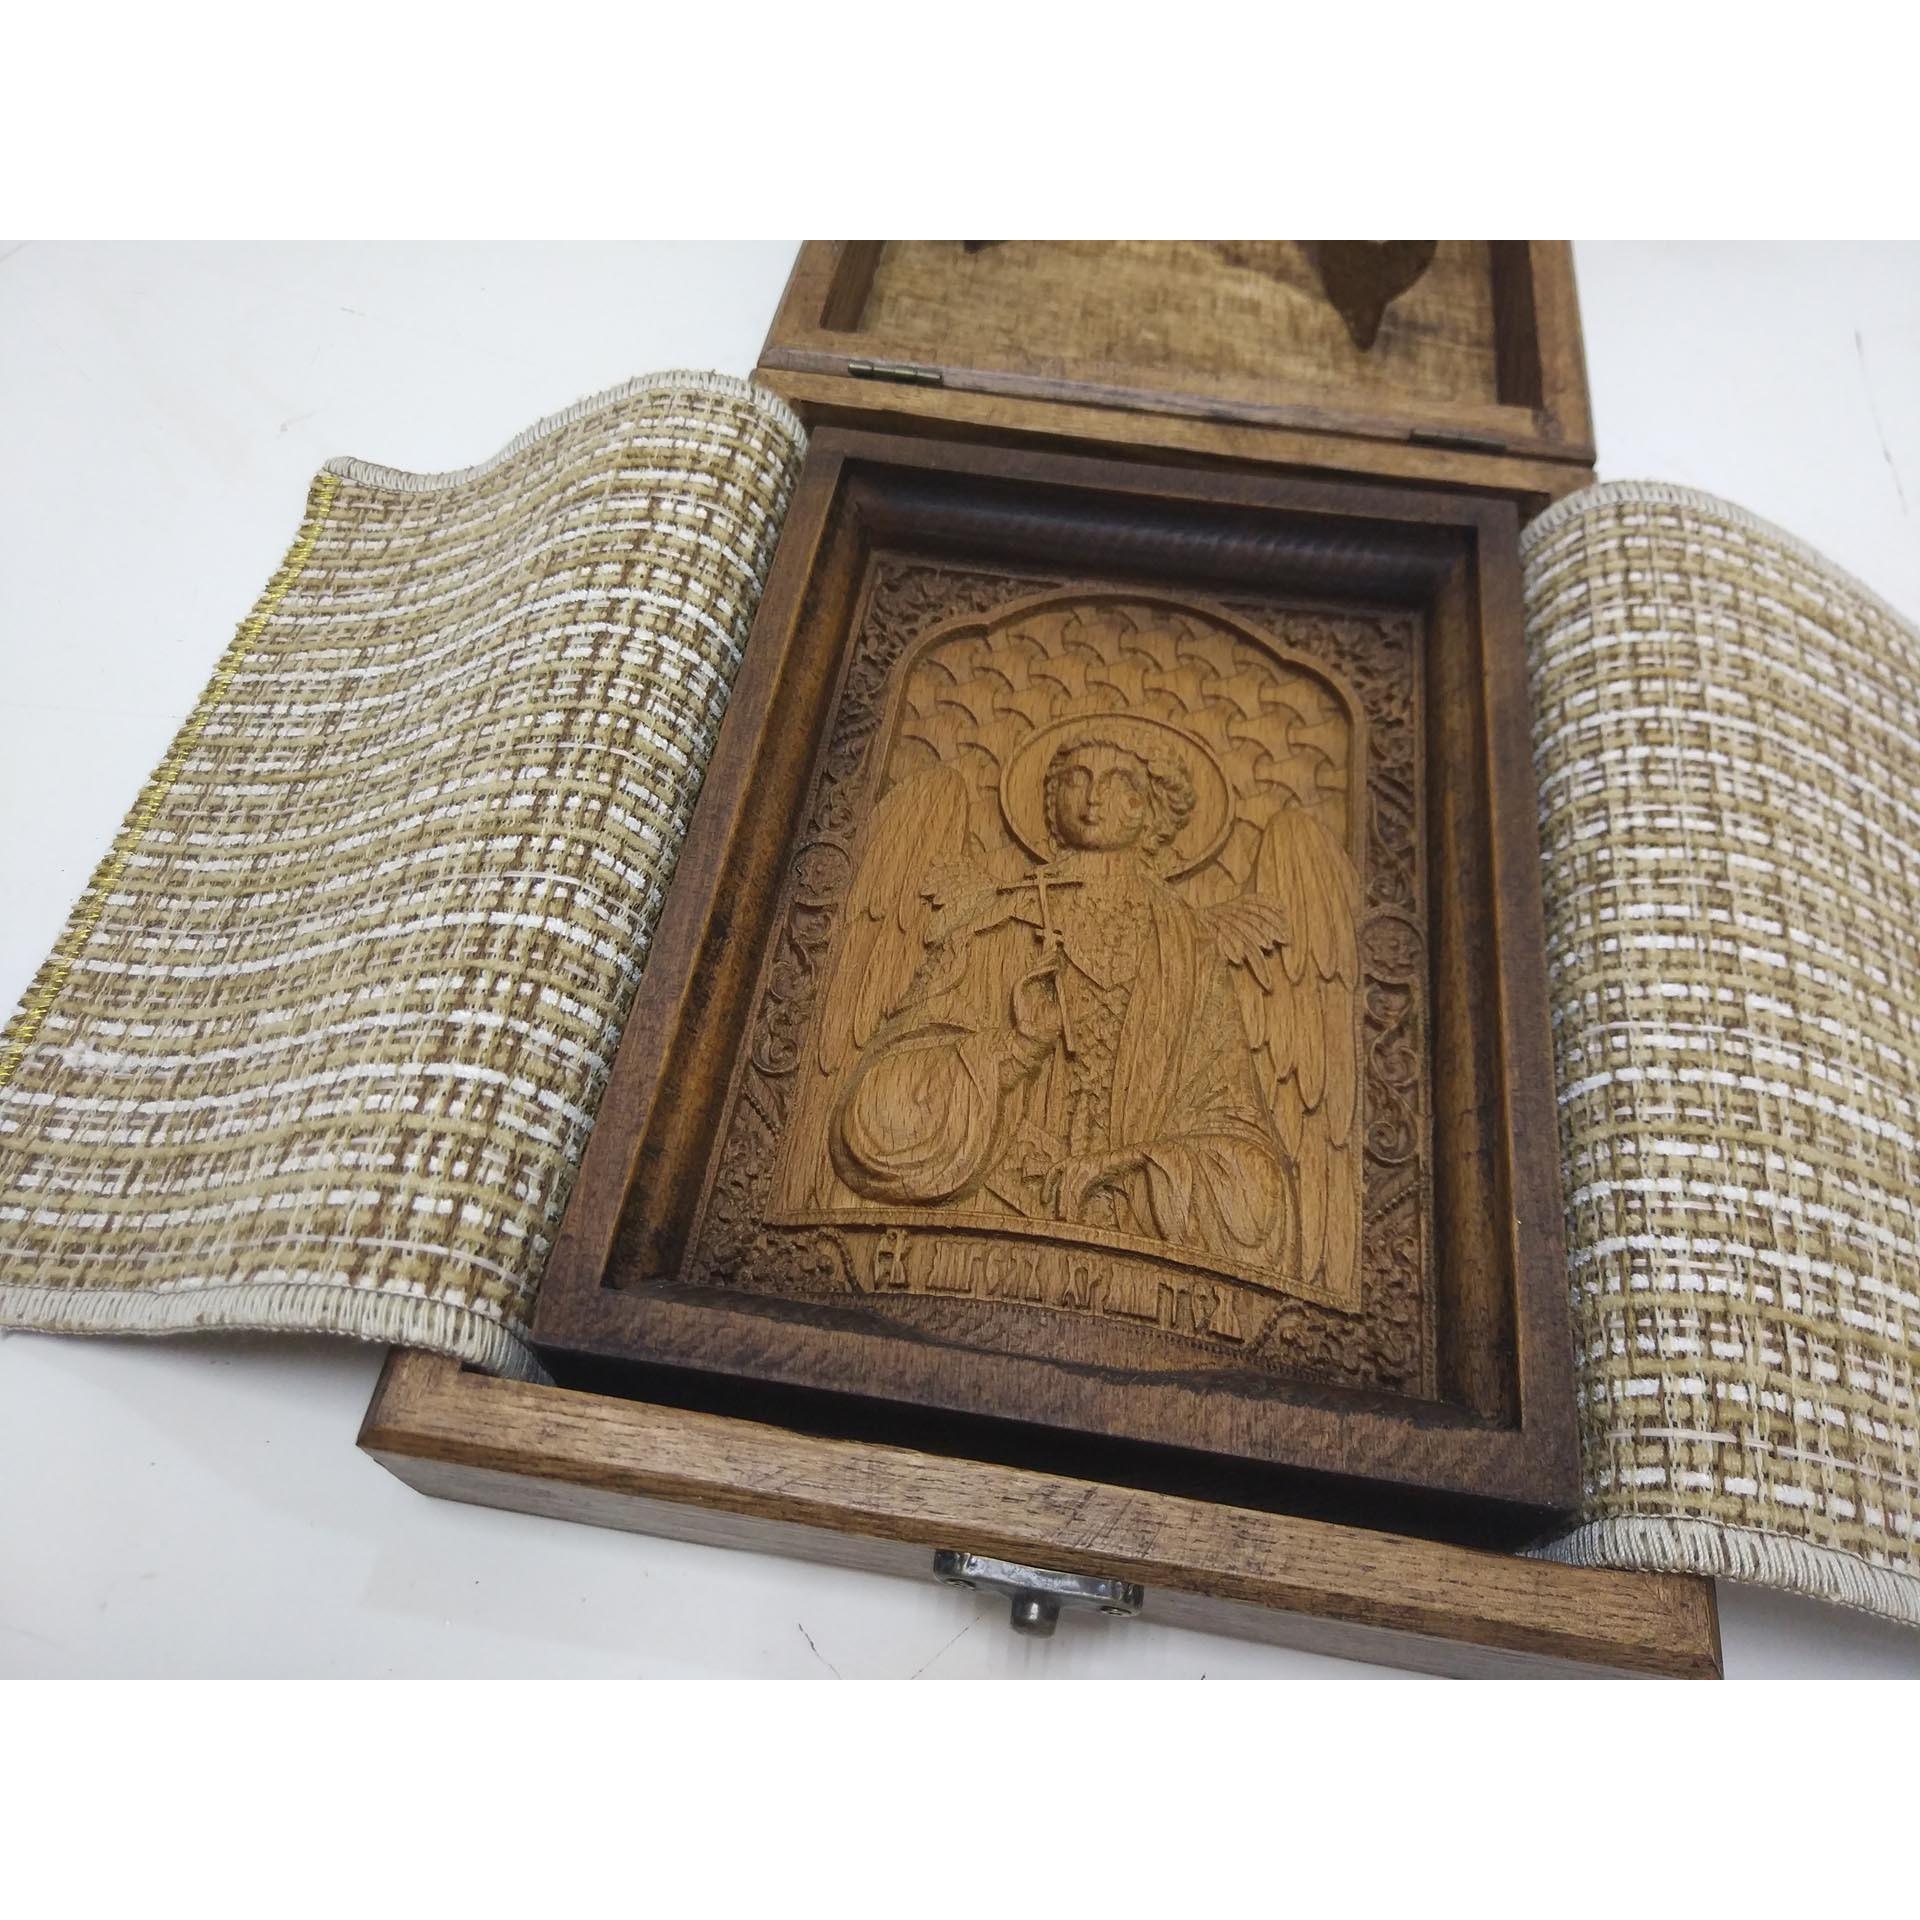 Фото с коробкой маленькой резной иконы святого Ангела Хранителя